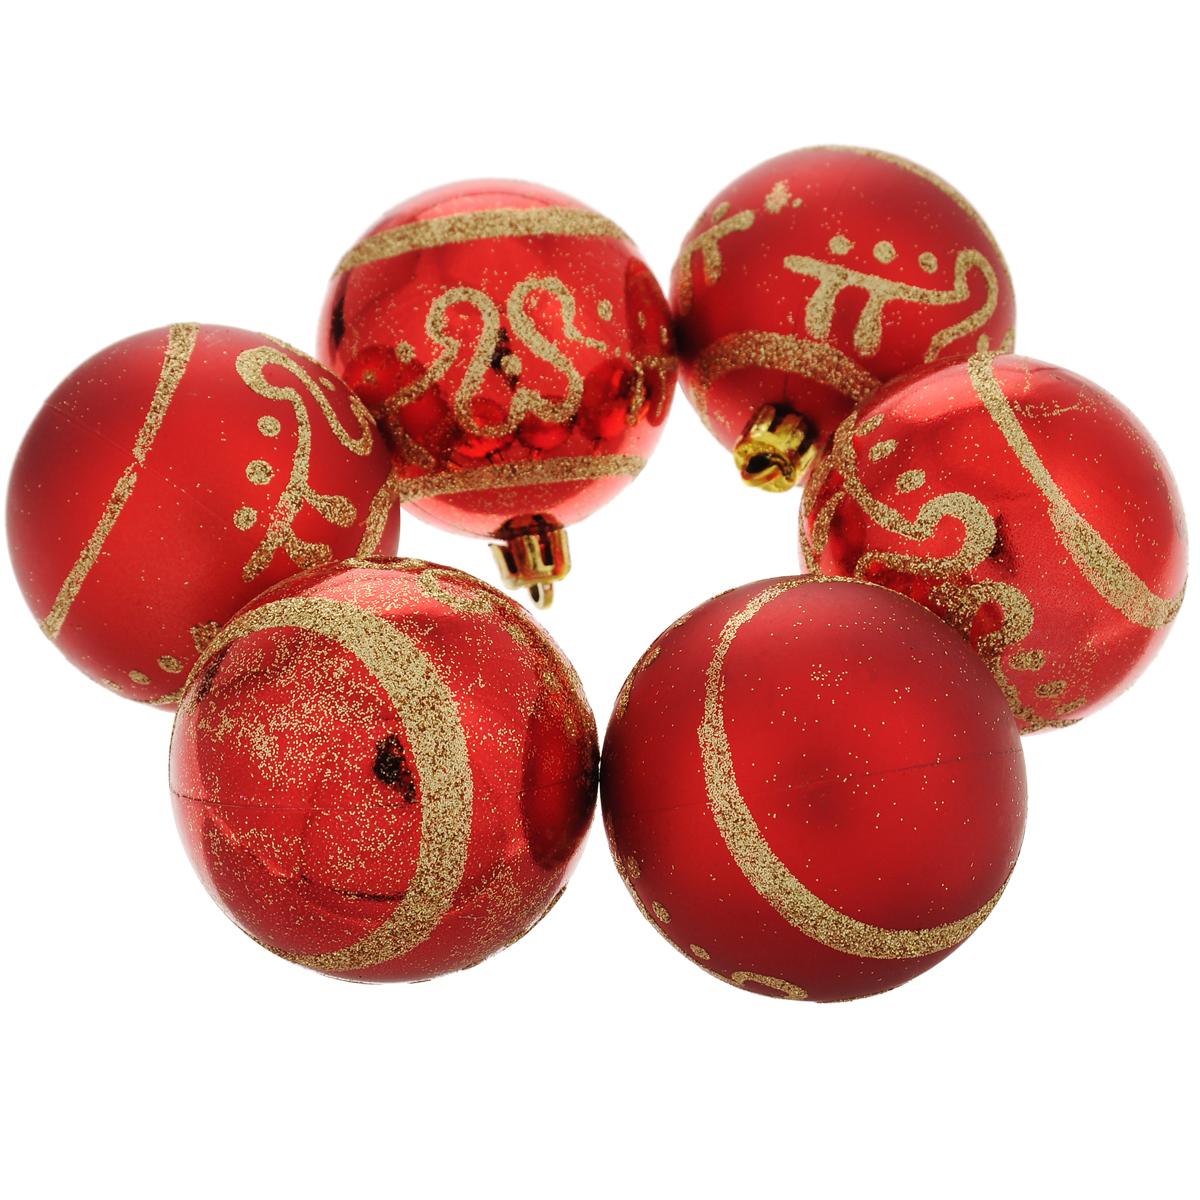 Набор новогодних подвесных украшений Шар, цвет: золотистый, красный, диаметр 6 см, 6 шт. 3549435494Набор новогодних подвесных украшений Шар прекрасно подойдет для праздничного декора новогодней ели. Состоит из шести шаров.Елочная игрушка - символ Нового года. Она несет в себе волшебство и красоту праздника. Создайте в своем доме атмосферу веселья и радости, украшая новогоднюю елку нарядными игрушками, которые будут из года в год накапливать теплоту воспоминаний. Коллекция декоративных украшений принесет в ваш дом ни с чем несравнимое ощущение волшебства! Откройте для себя удивительный мир сказок и грез. Почувствуйте волшебные минуты ожидания праздника, создайте новогоднее настроение вашим дорогим и близким.